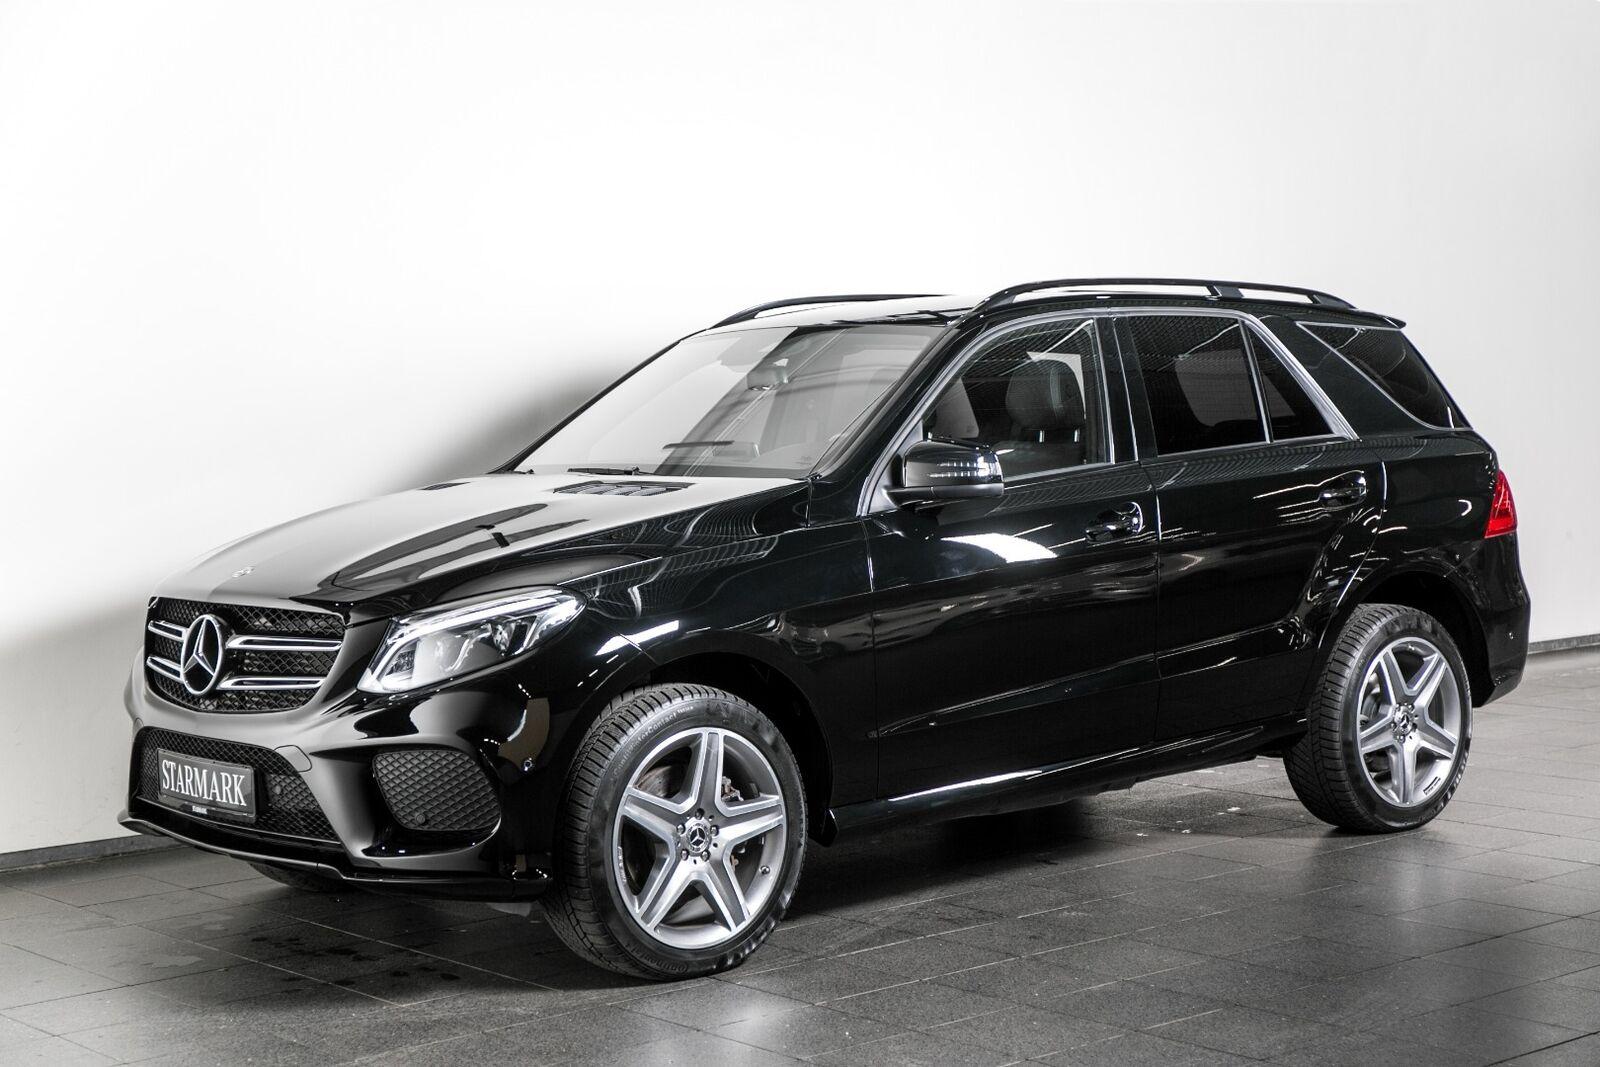 Mercedes-Benz GLE350 d 3,0 AMG+ aut. 4-M